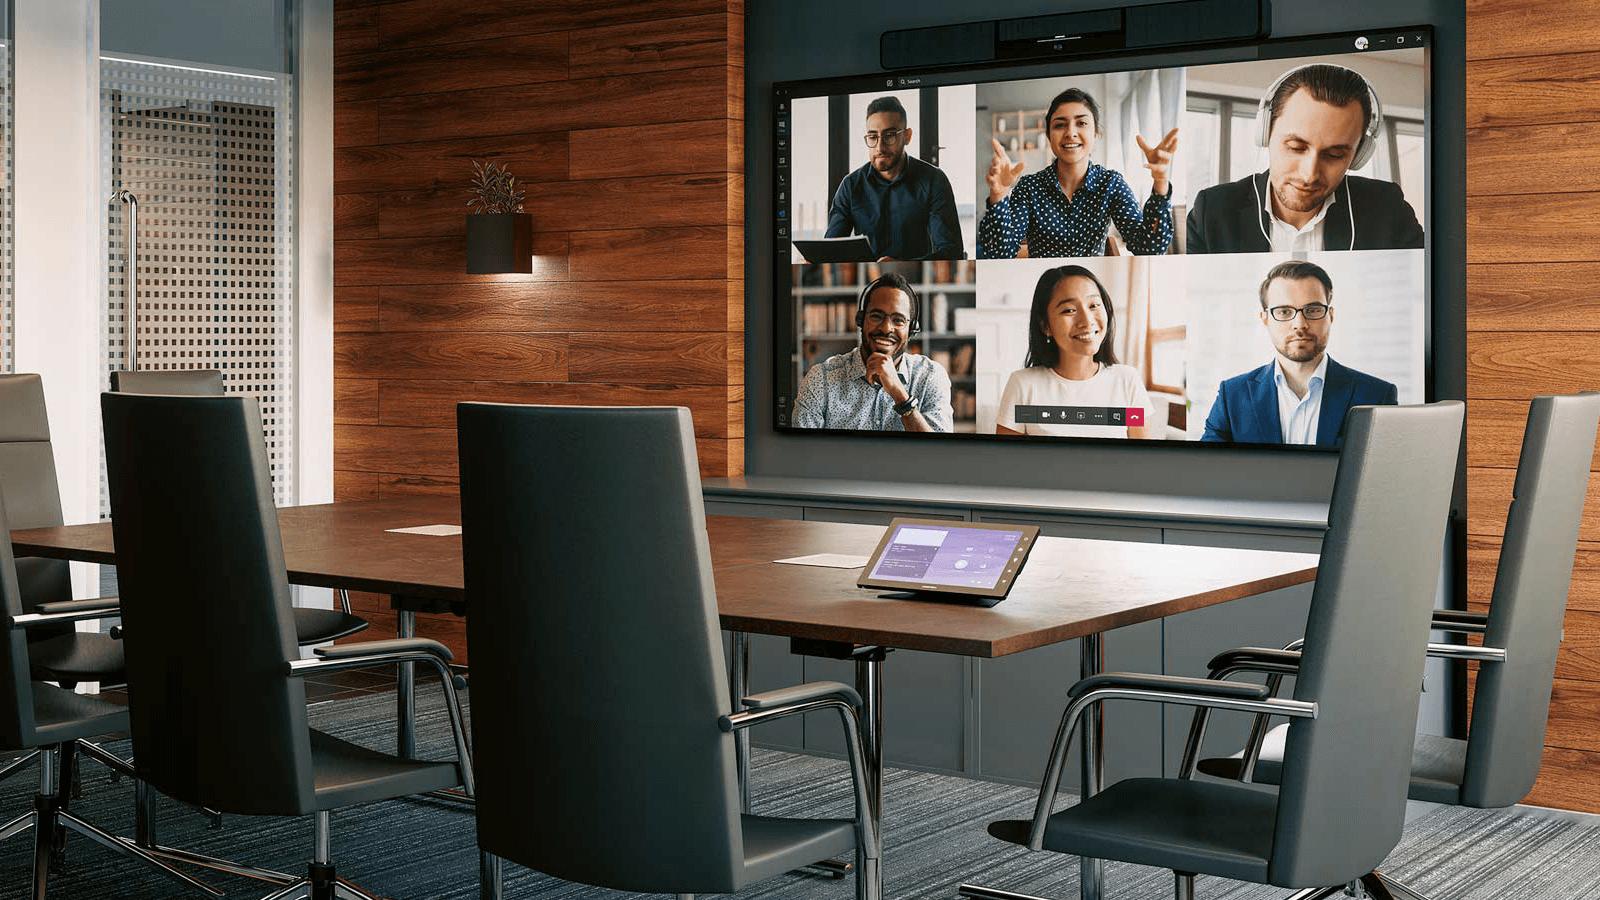 Lokale til videokonferencer